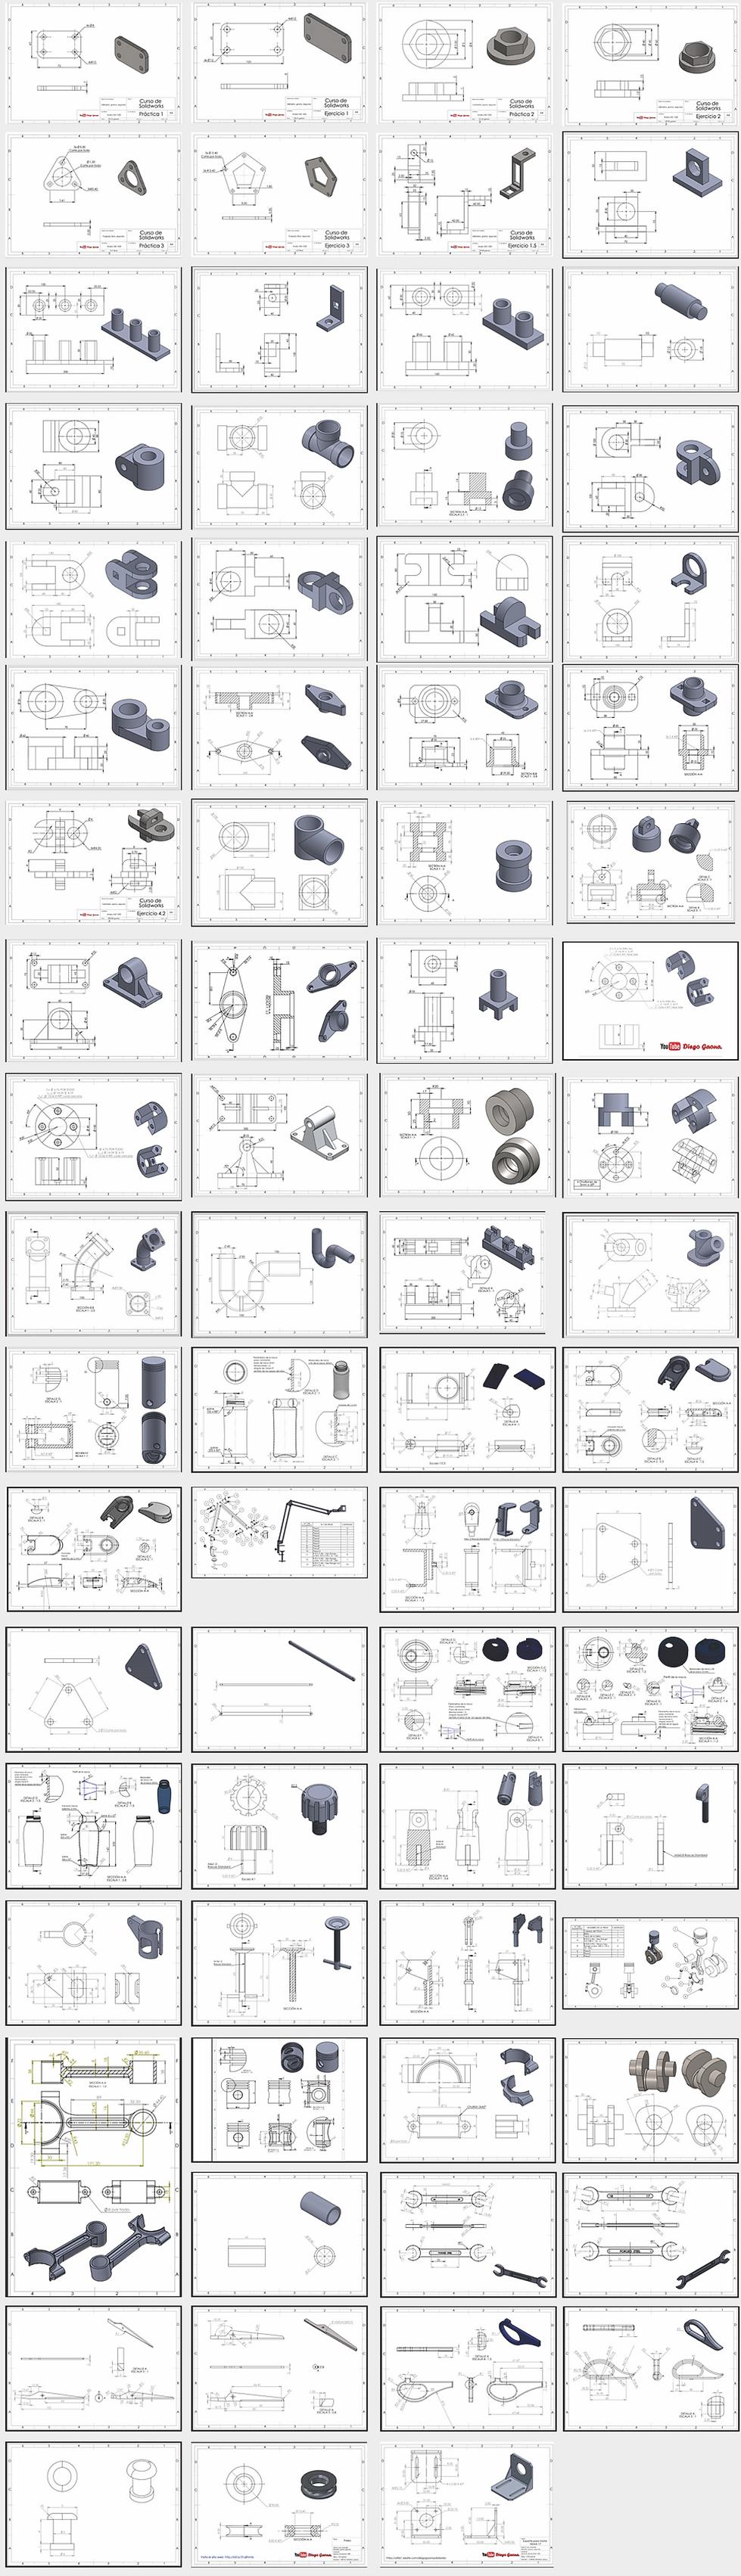 Listado de piezas2.png